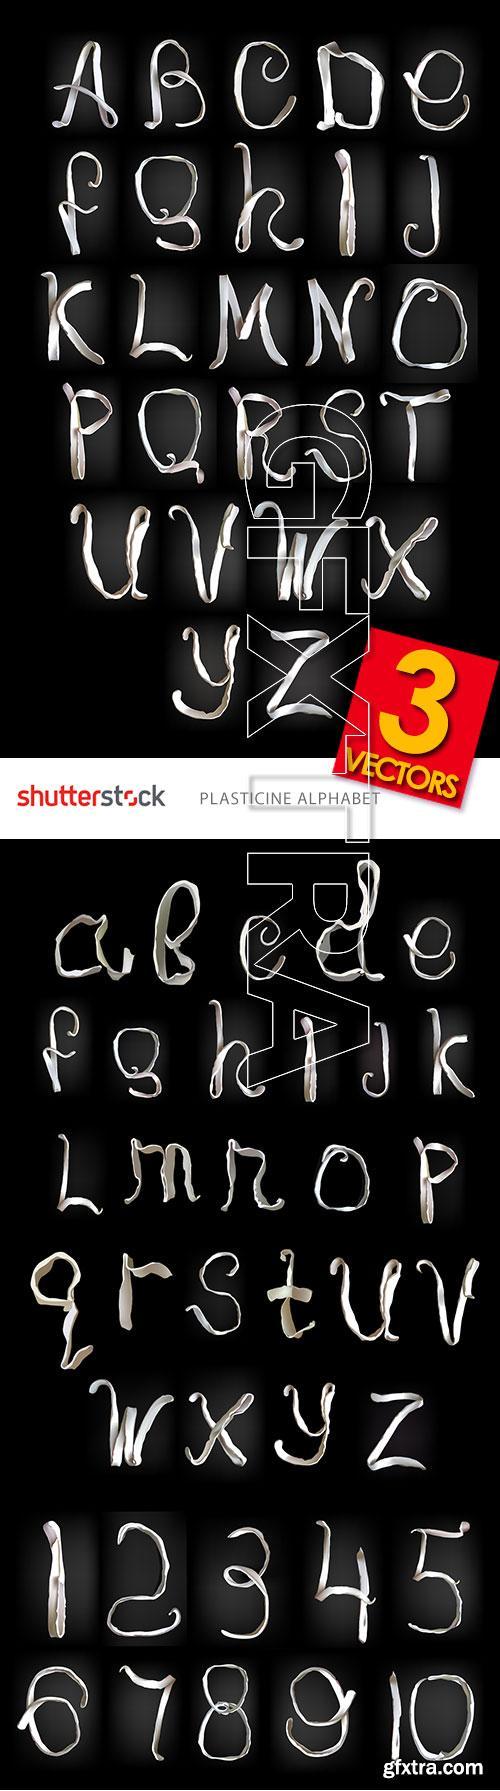 Plasticine Alphabet & Numbers 3xEPS